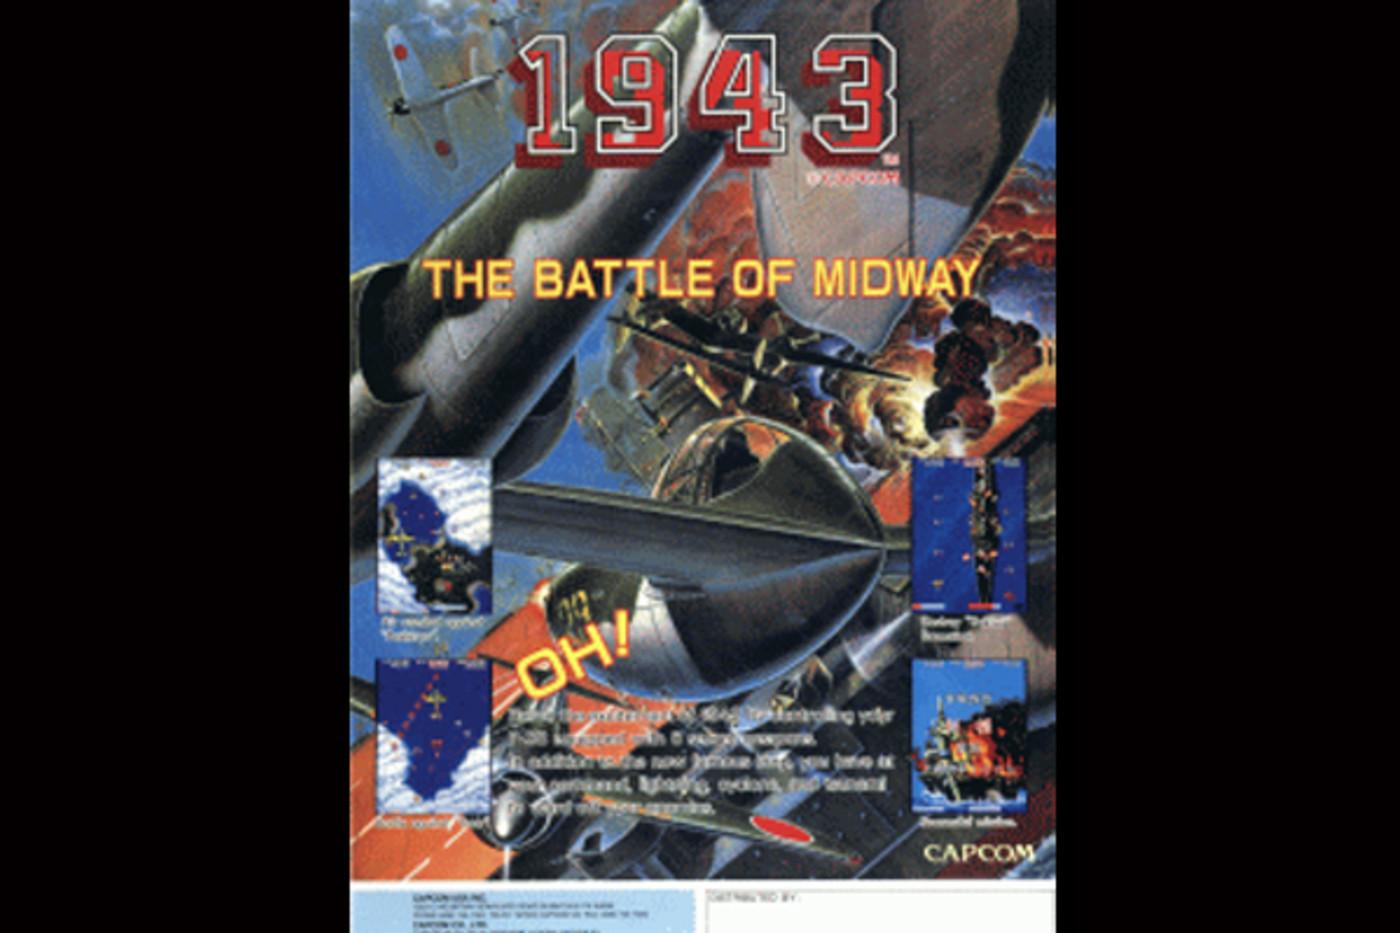 best-old-school-nintendo-games-1943-battle-midway